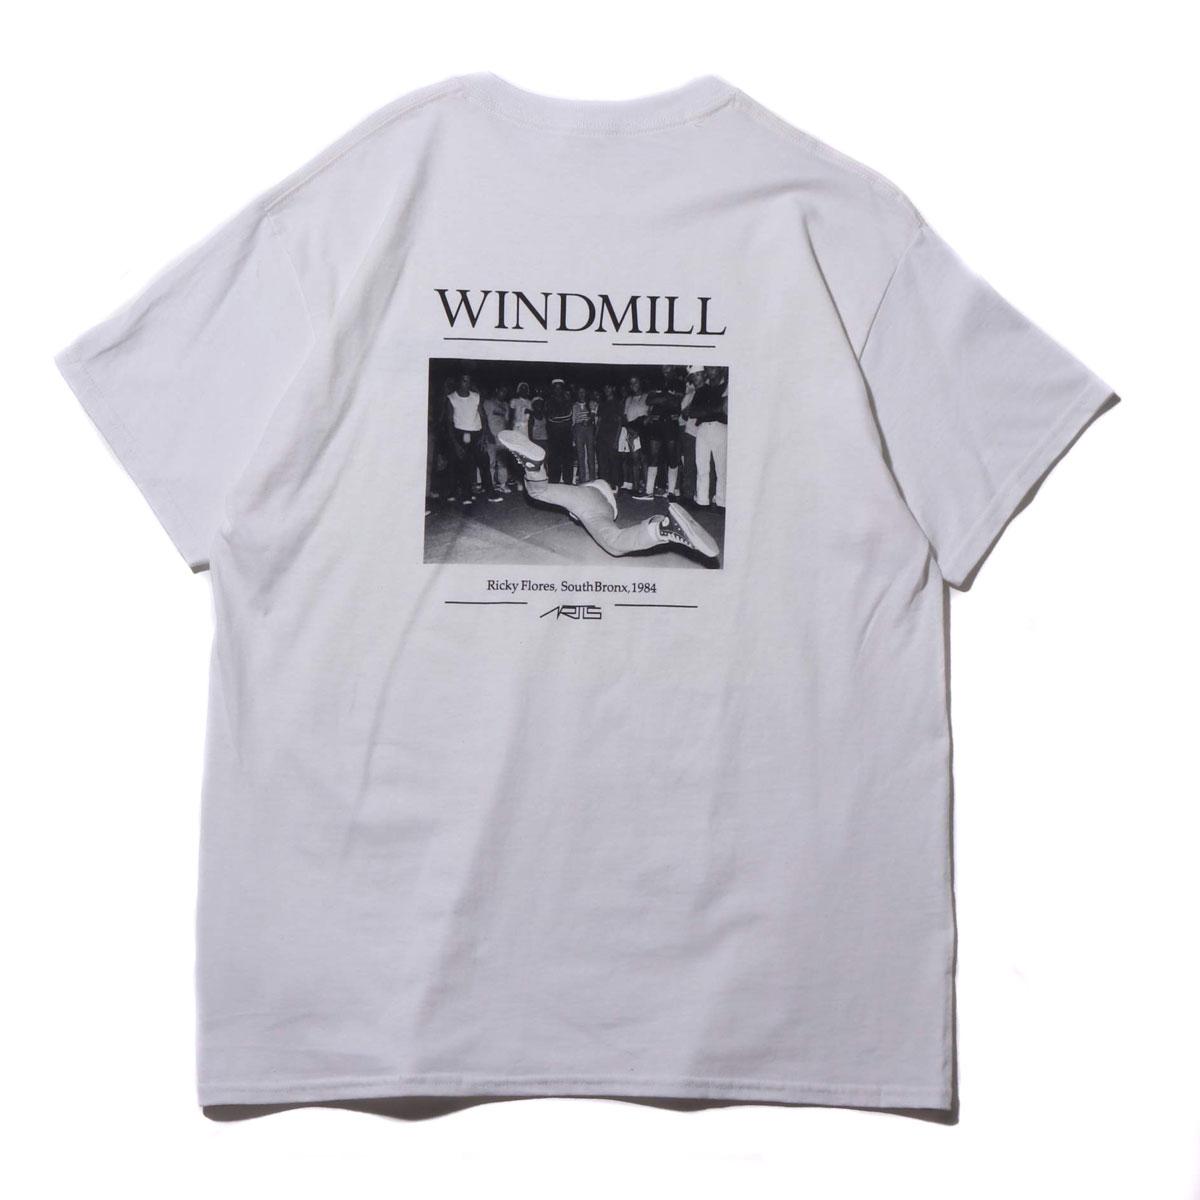 ARTIS WINDMILL TEE (アトモス アーティズ ウインドミル ティ)WHITE【メンズ Tシャツ】19SP-S